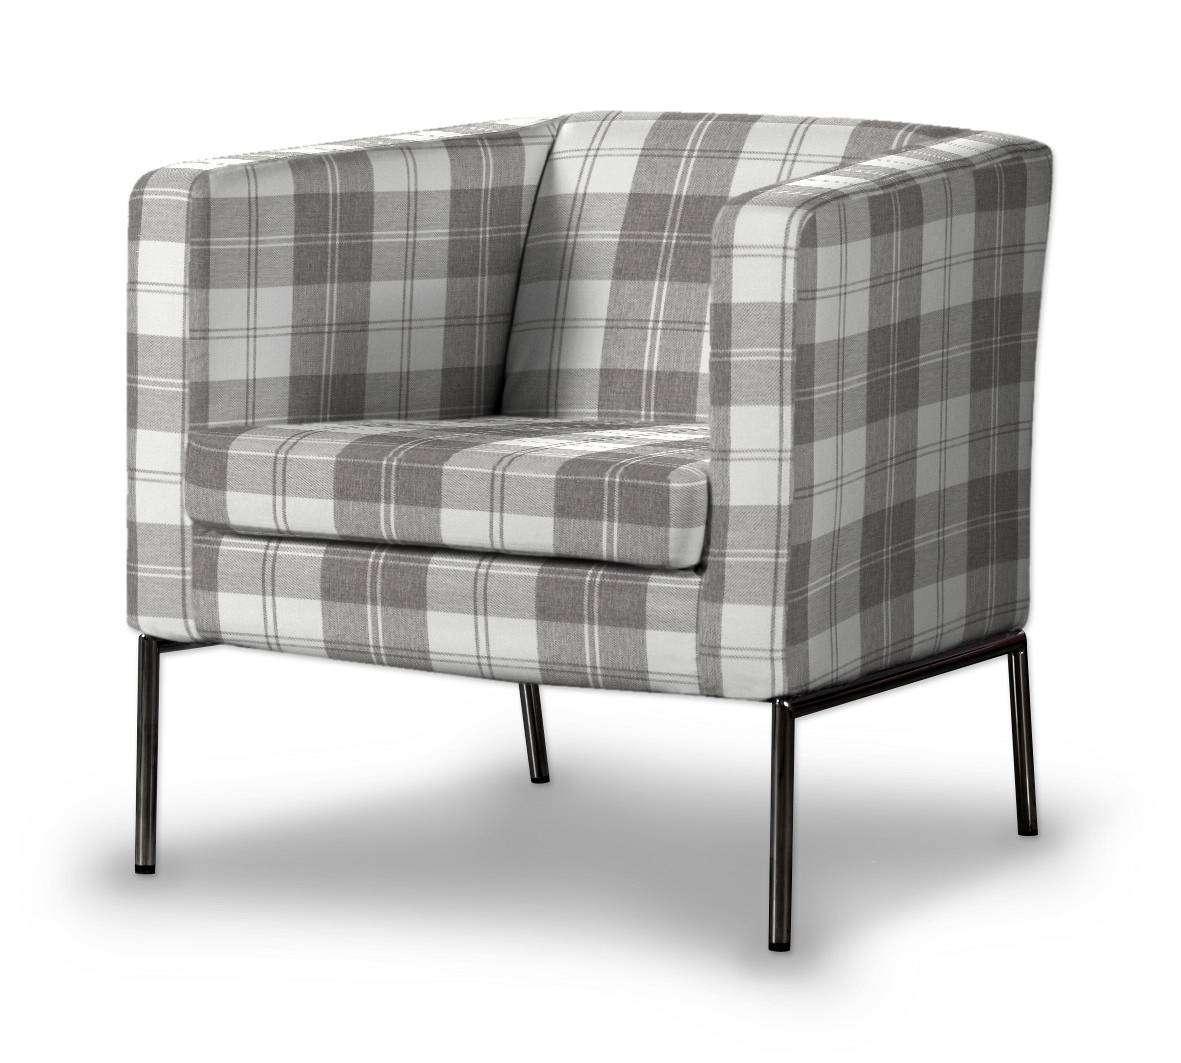 Pokrowiec na fotel Klappsta Fotel Klappsta w kolekcji Edinburgh, tkanina: 115-79